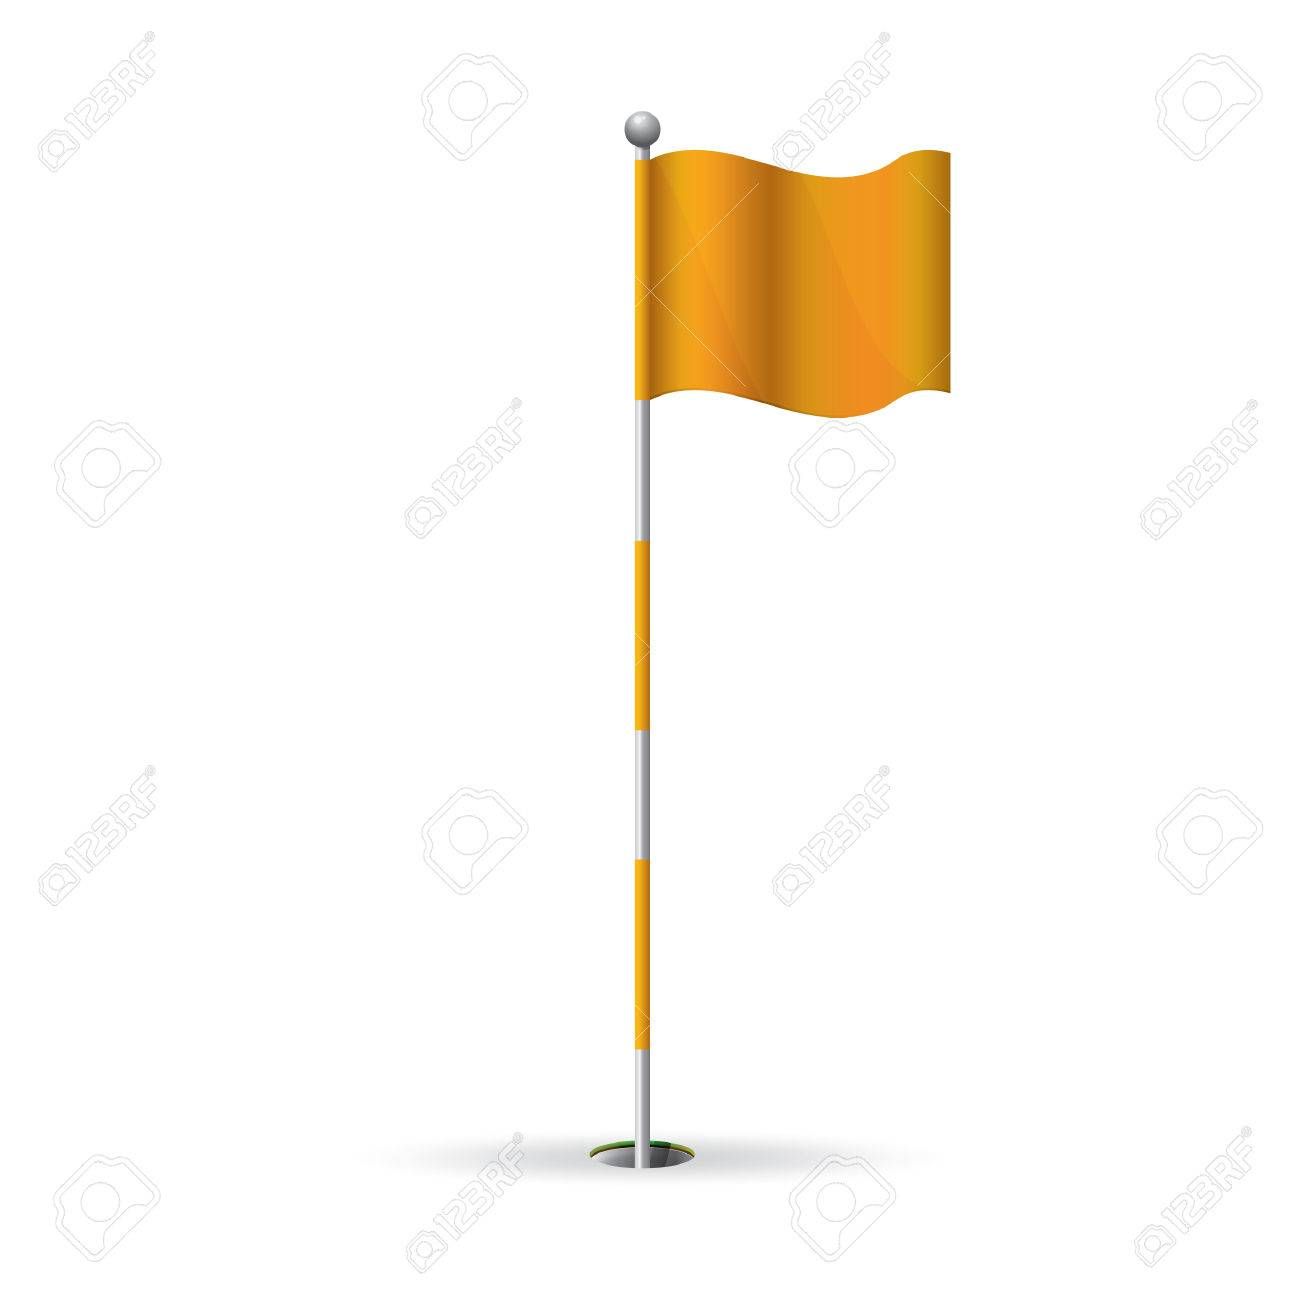 golf flag stick.